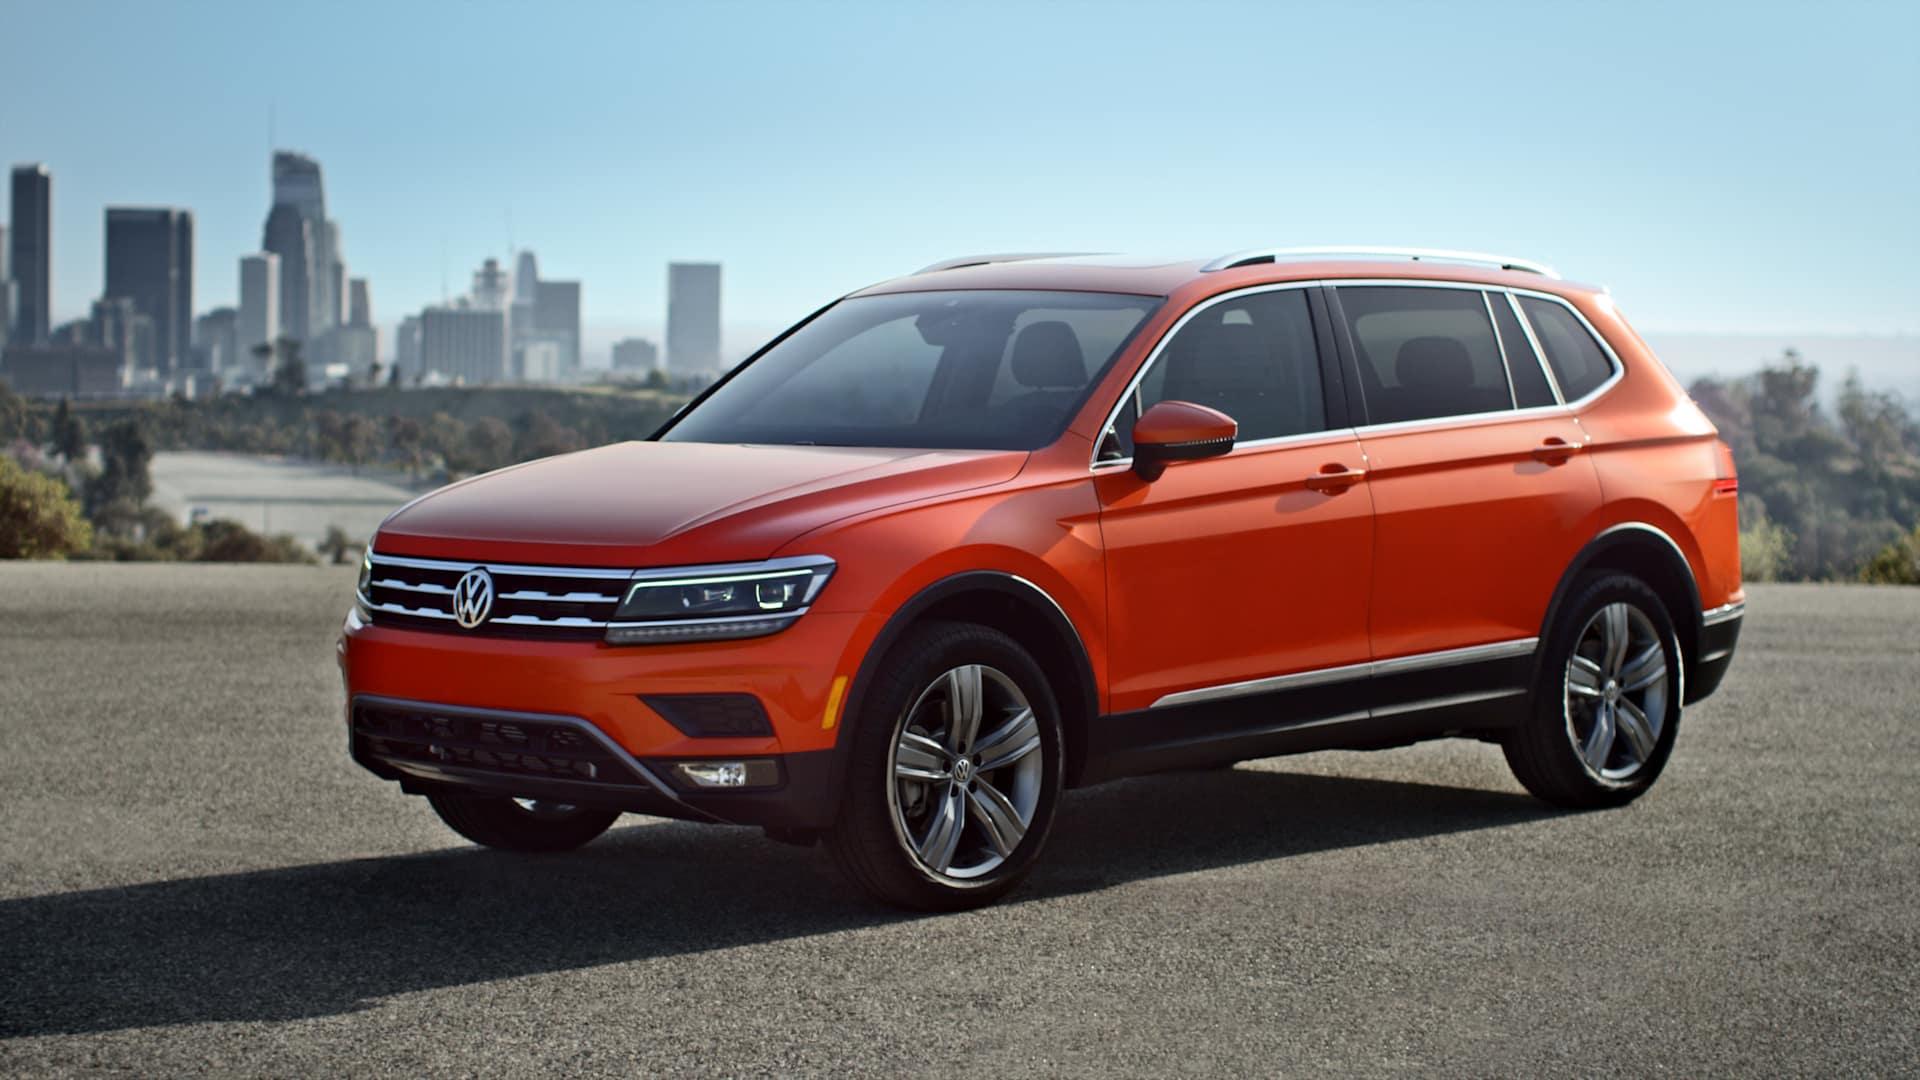 Volkswagen Tiguan SEL Premium Habanero Orange